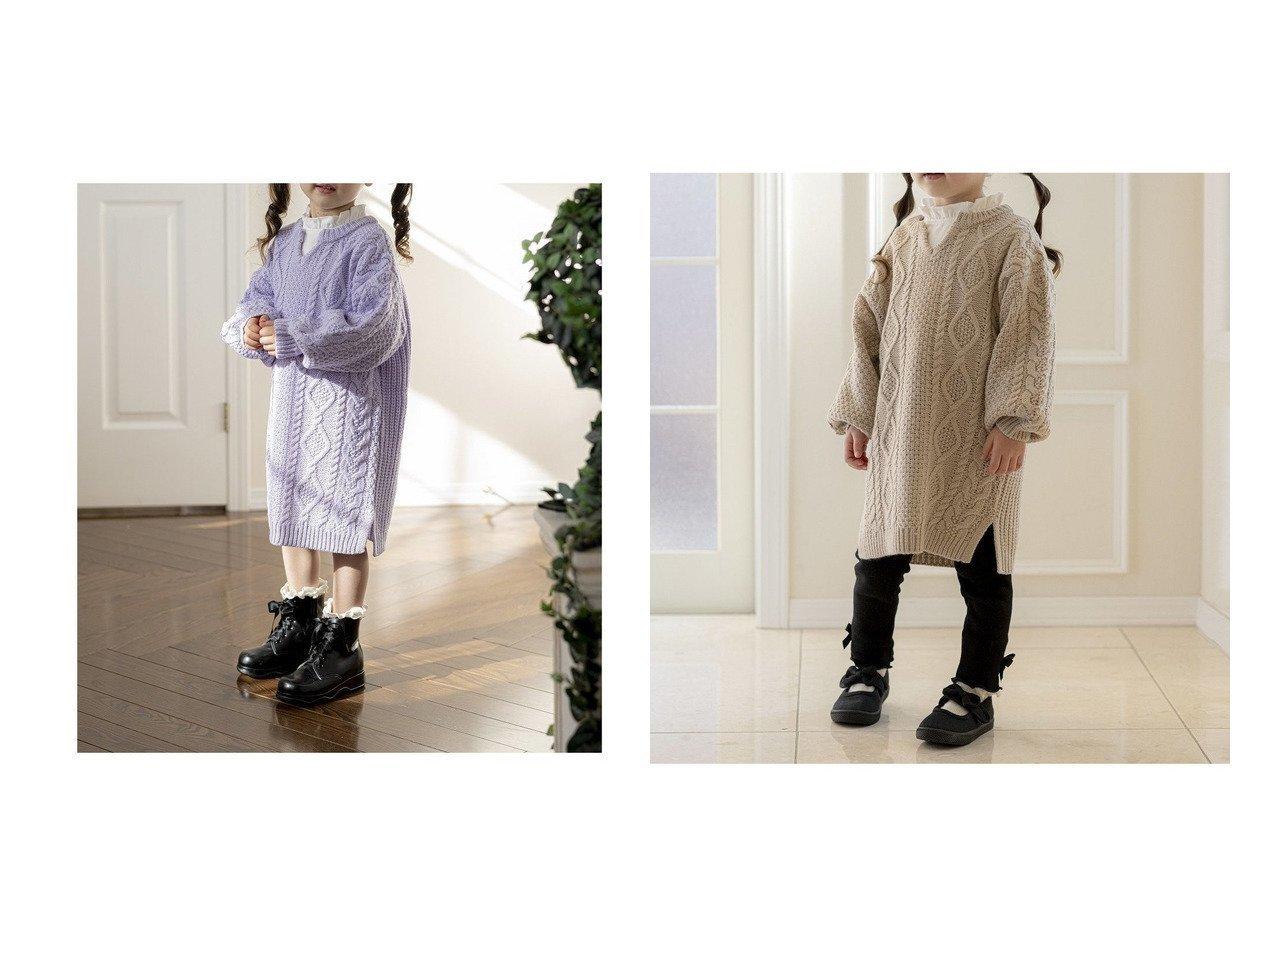 【Catherine Cottage / KIDS/キャサリンコテージ】のキーネックニットワンピース KIDS】子供服のおすすめ!人気トレンド・キッズファッションの通販 おすすめで人気の流行・トレンド、ファッションの通販商品 メンズファッション・キッズファッション・インテリア・家具・レディースファッション・服の通販 founy(ファニー) https://founy.com/ ファッション Fashion キッズファッション KIDS トップス Tops Tees Kids ワンピース Dress Kids A/W 秋冬 AW Autumn/Winter / FW Fall-Winter スニーカー スリット セーター タイツ デニム 冬 Winter 定番 Standard 秋 Autumn/Fall |ID:crp329100000018381